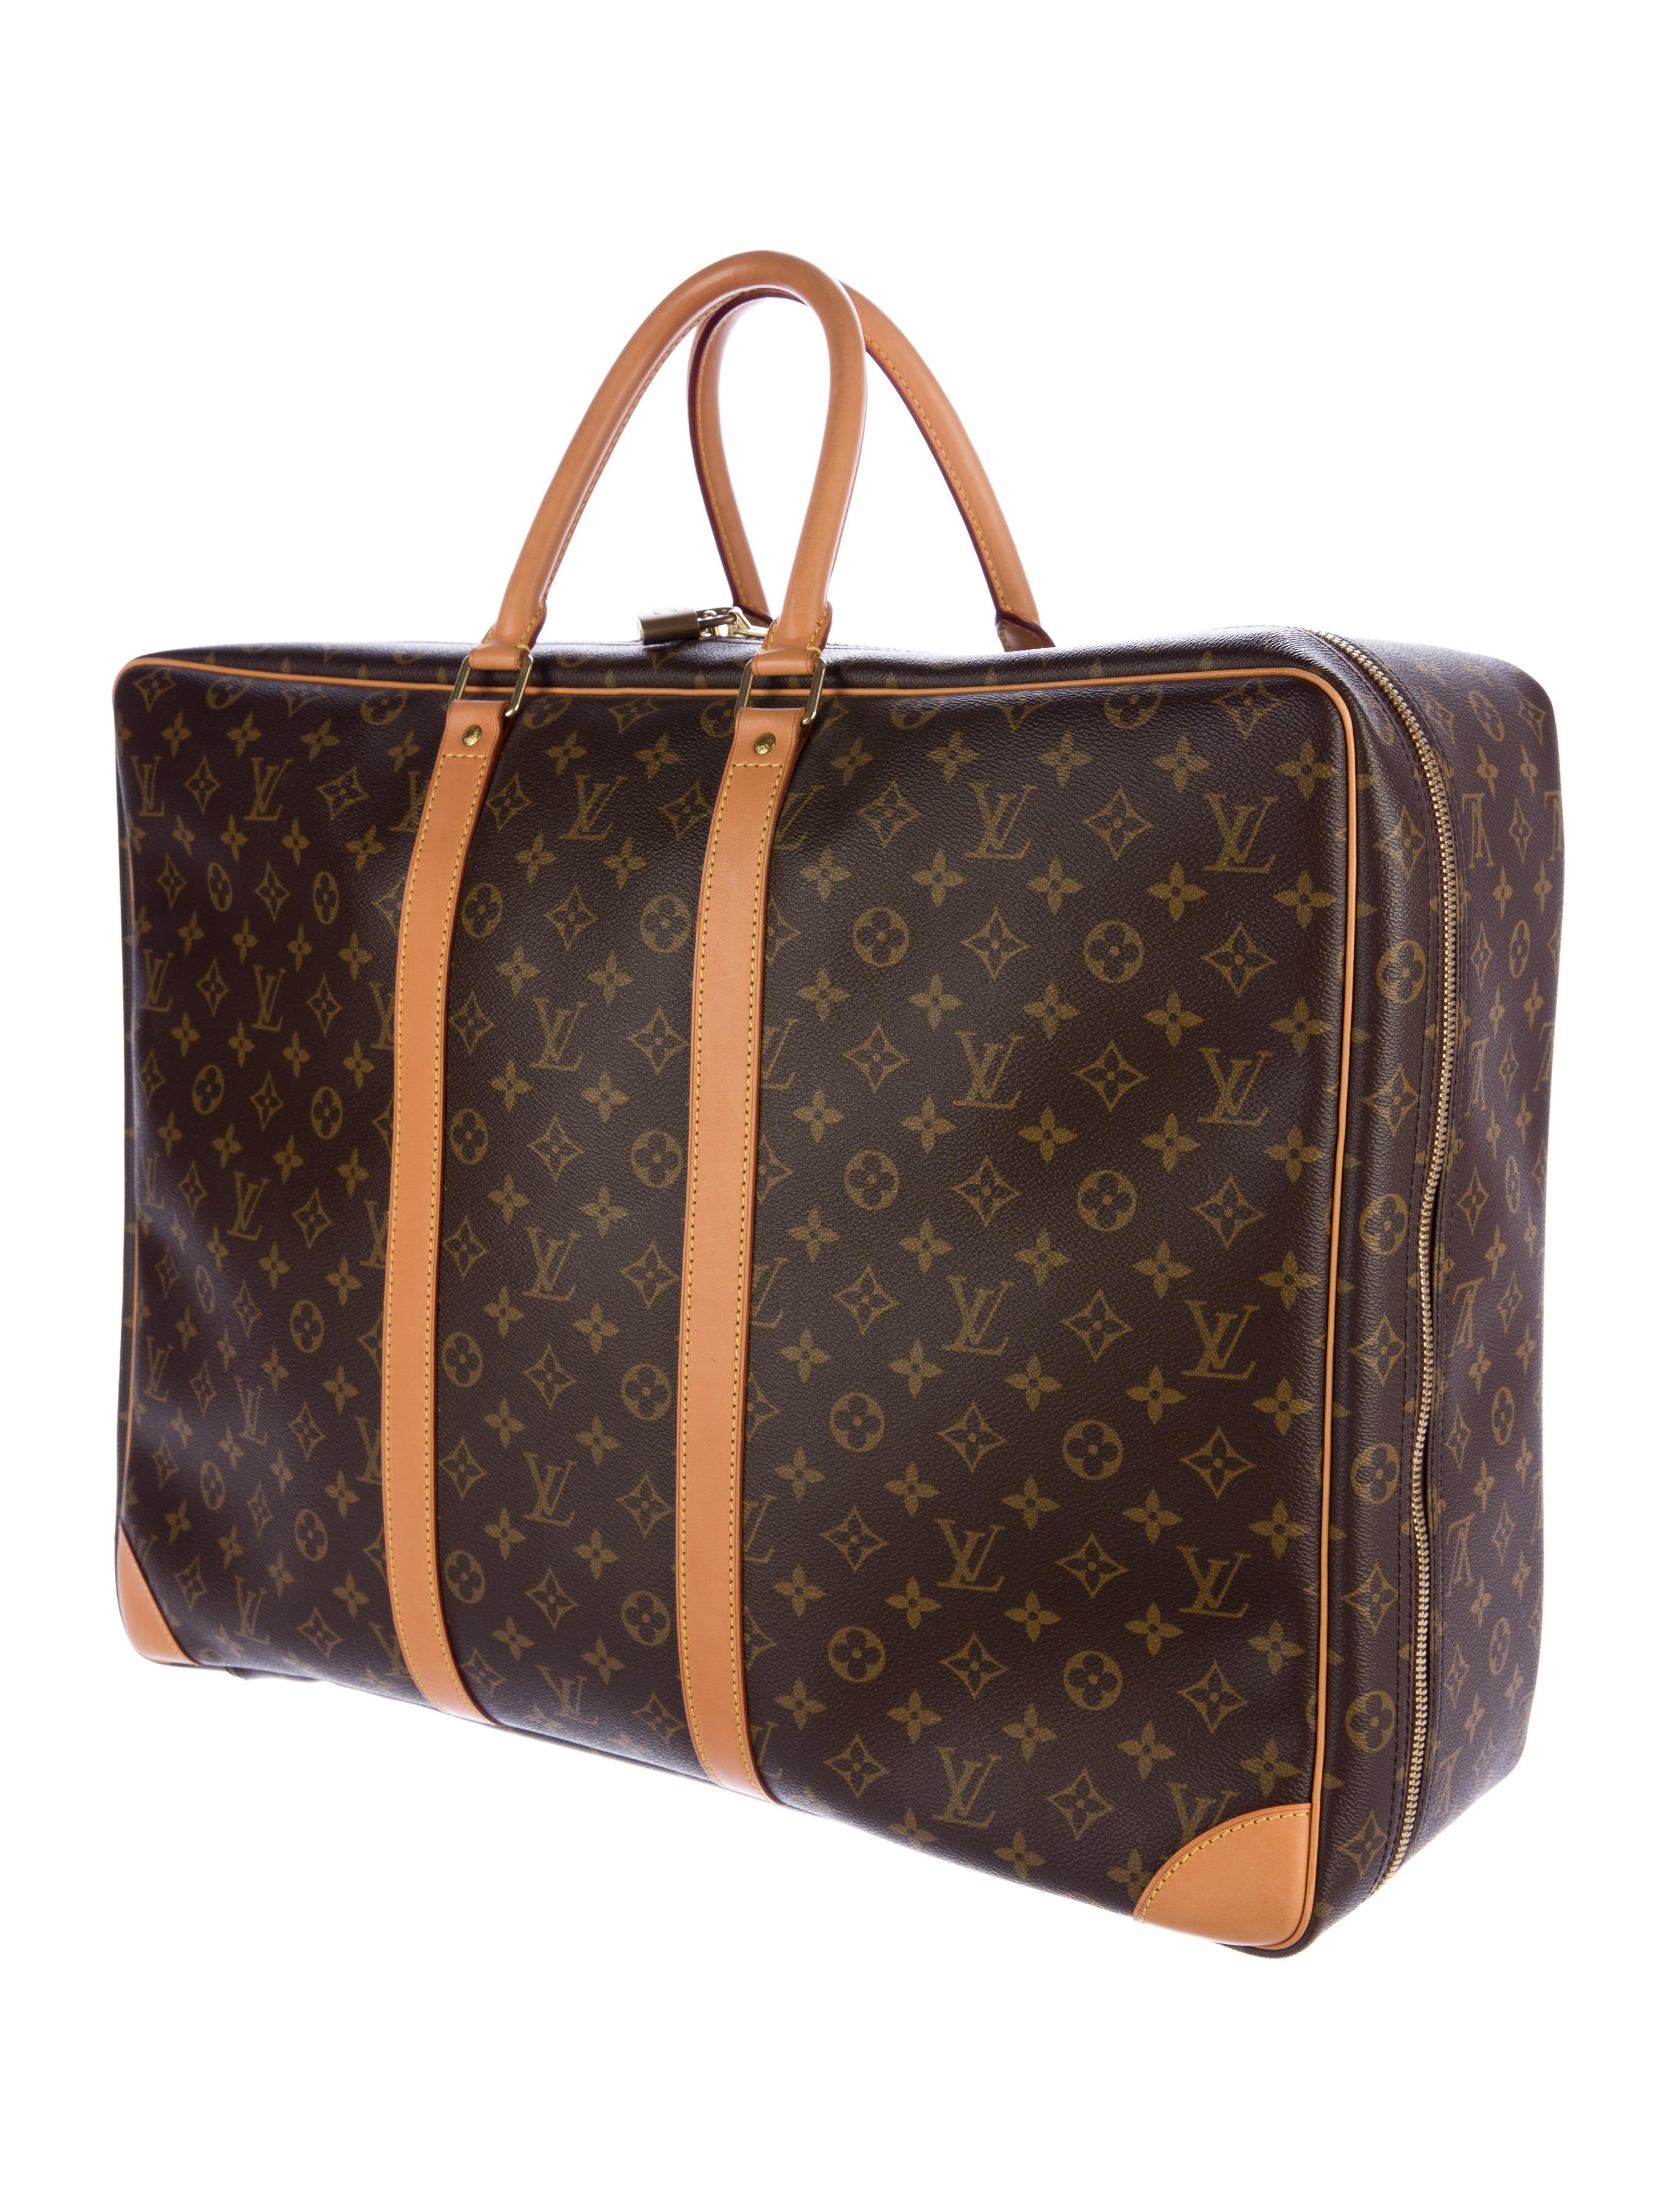 Louis Vuitton Monogram Sirius 55 Luggage Lou120229